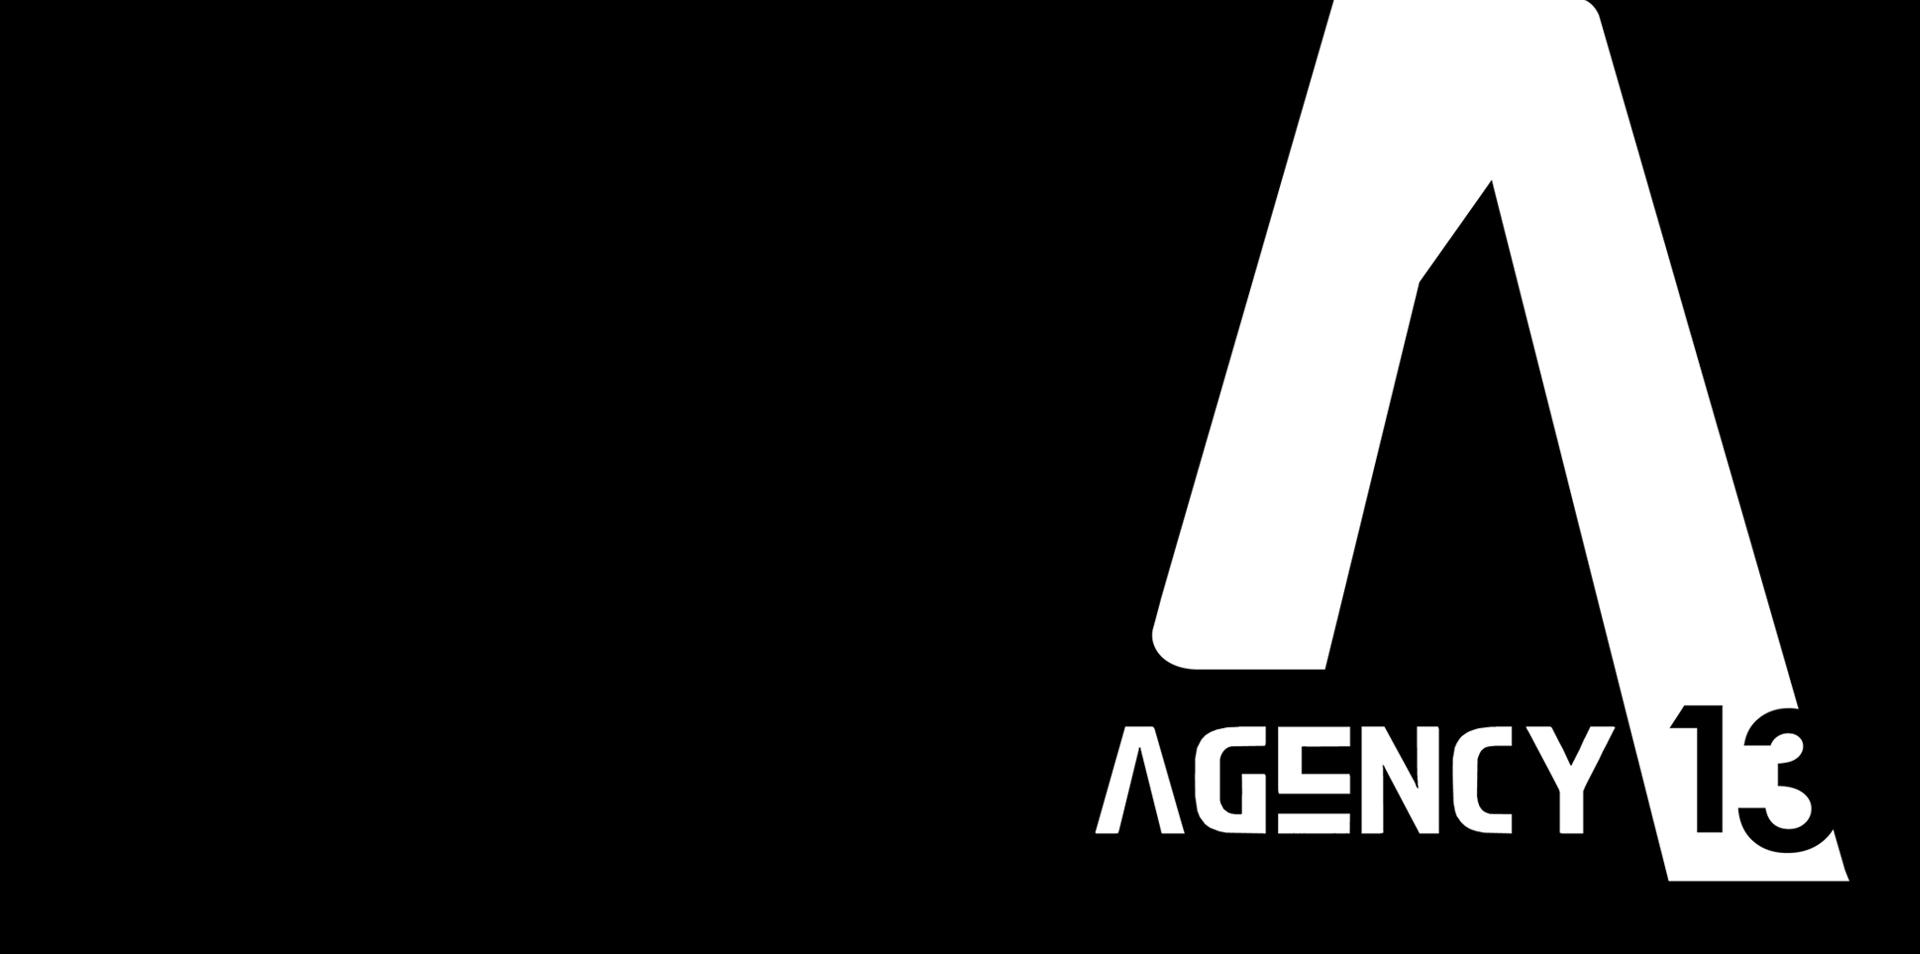 agency-13-bg